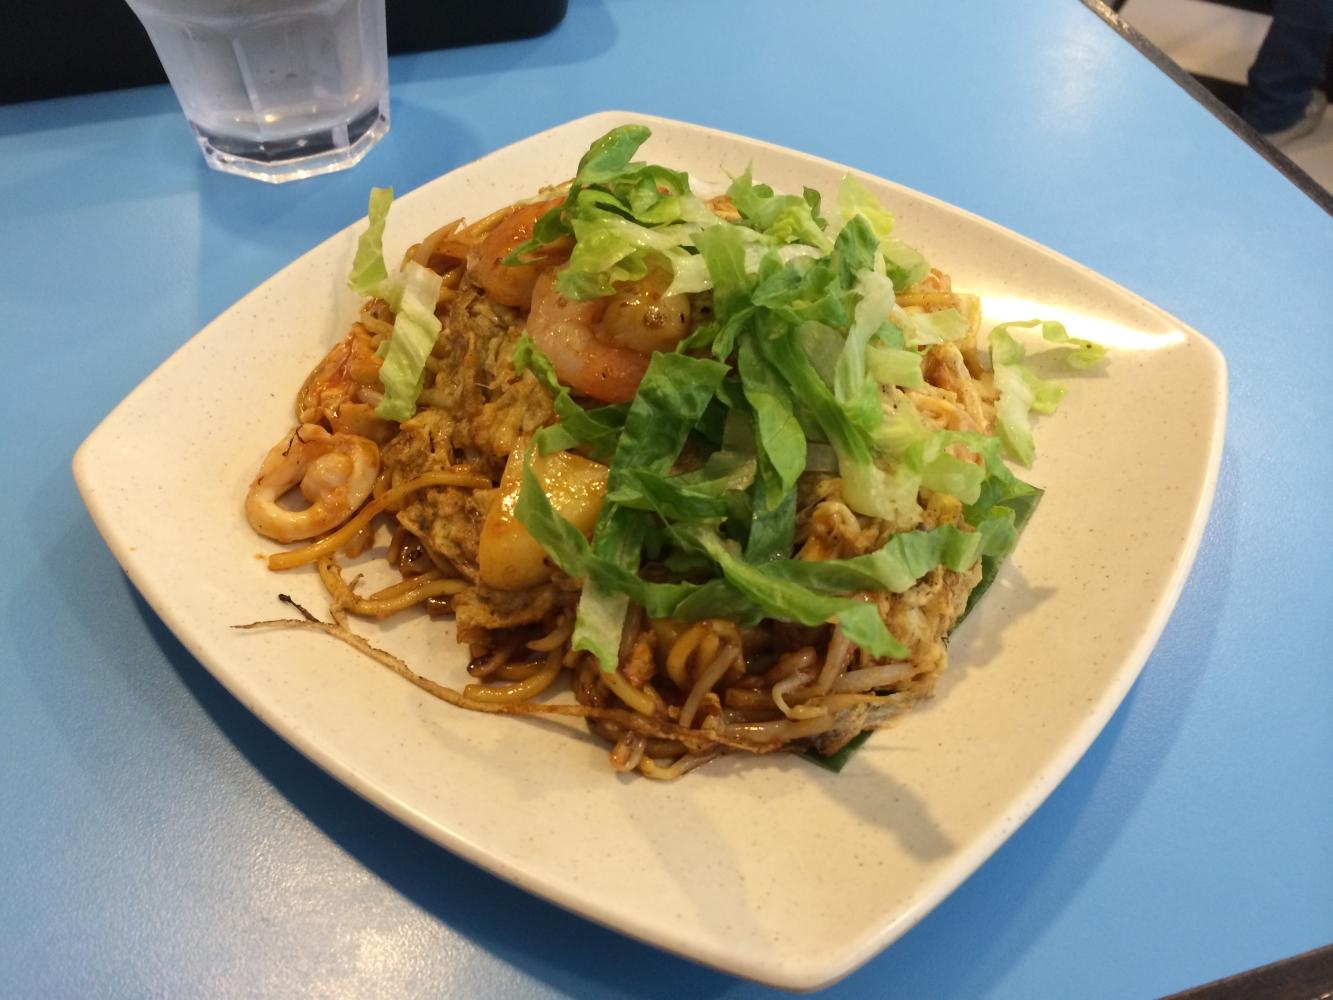 Mee Goreng - Malaysisches Gericht mit gebratenen Nudeln, Garnelen, Ei, und Blätterkohl